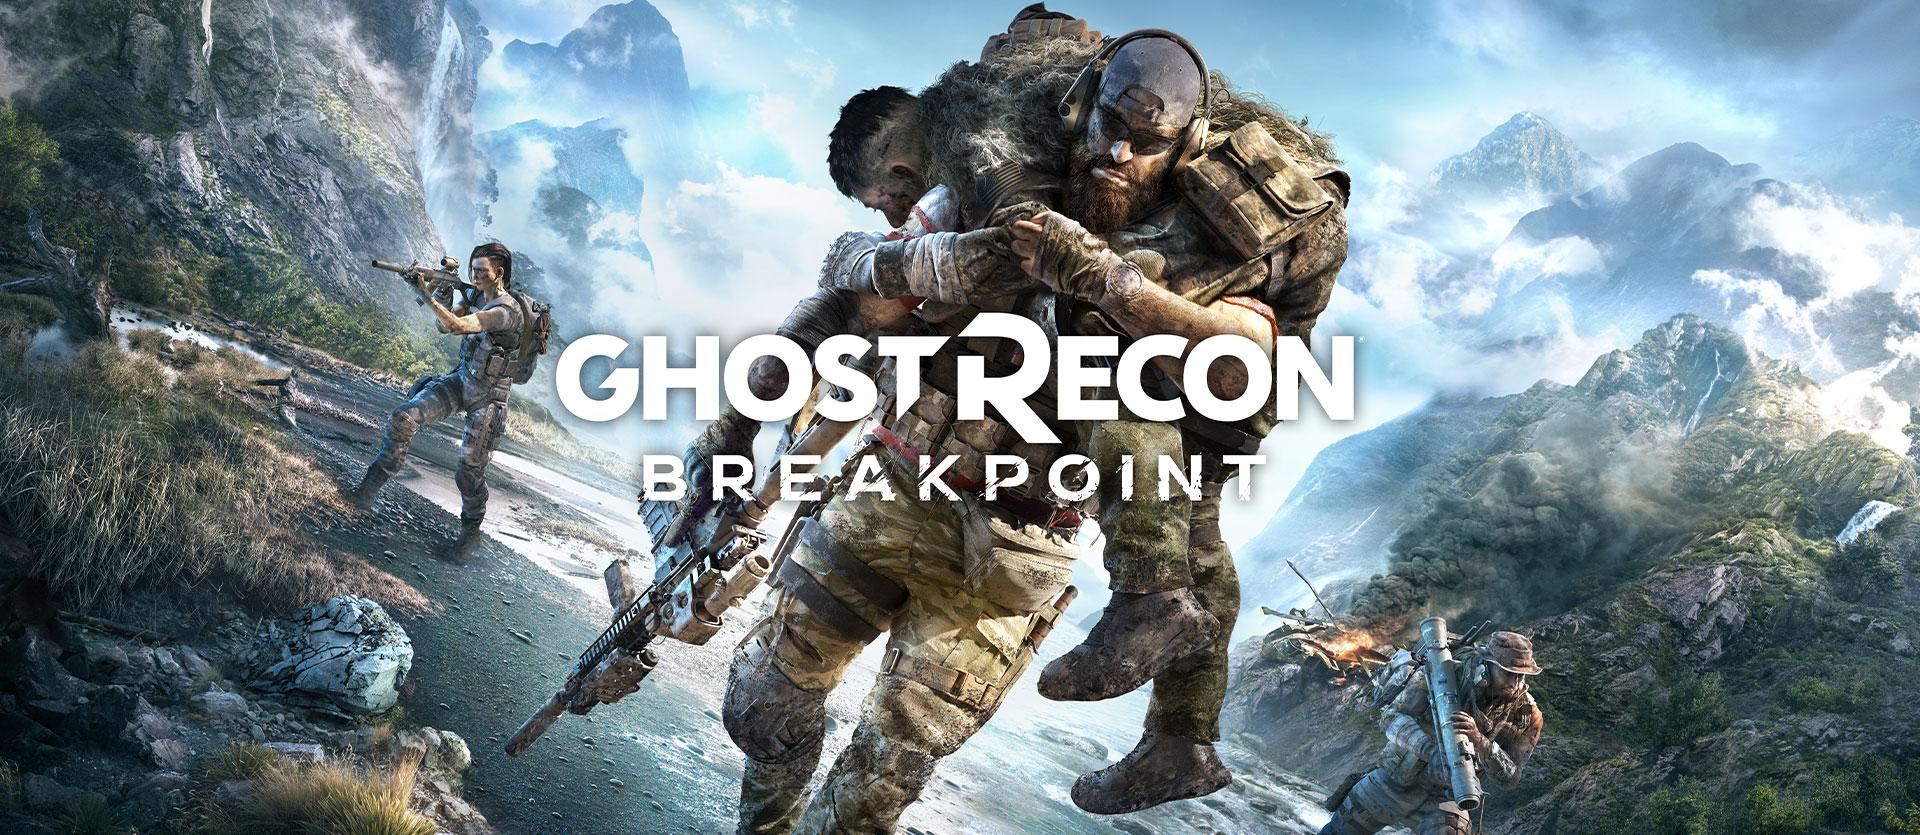 ghost recon header